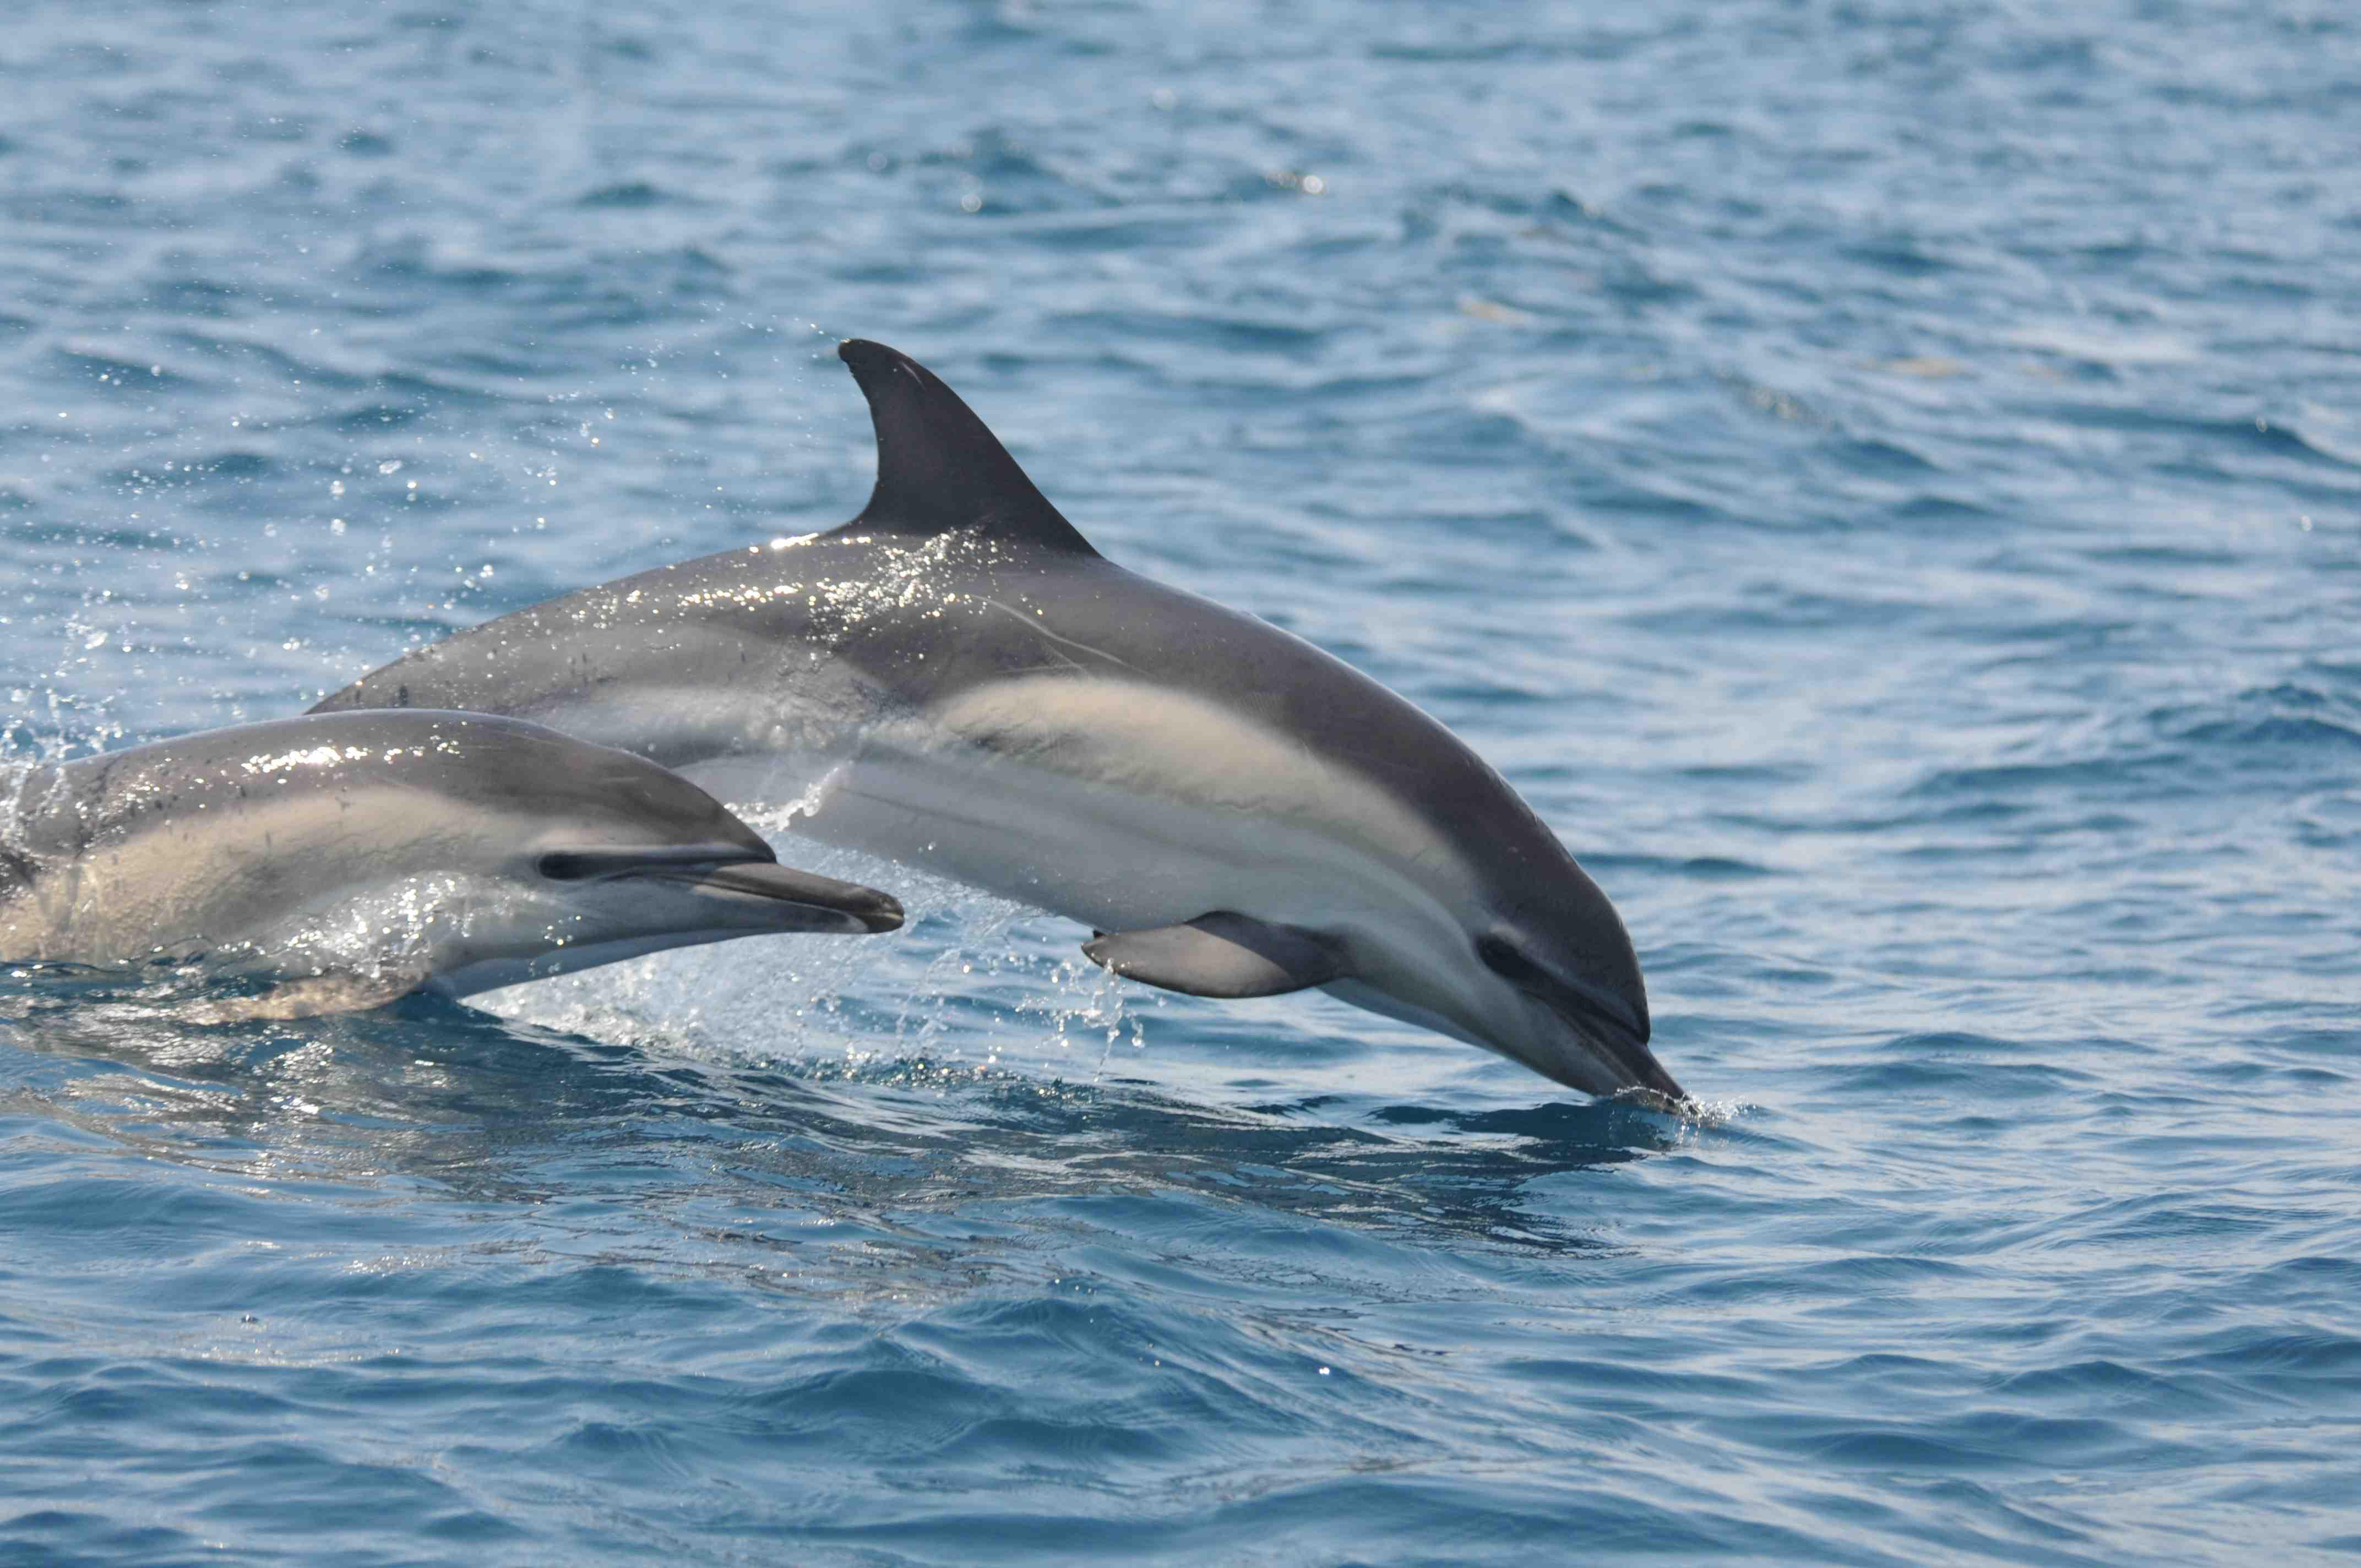 беломордый дельфин и их детеныши фото должны были